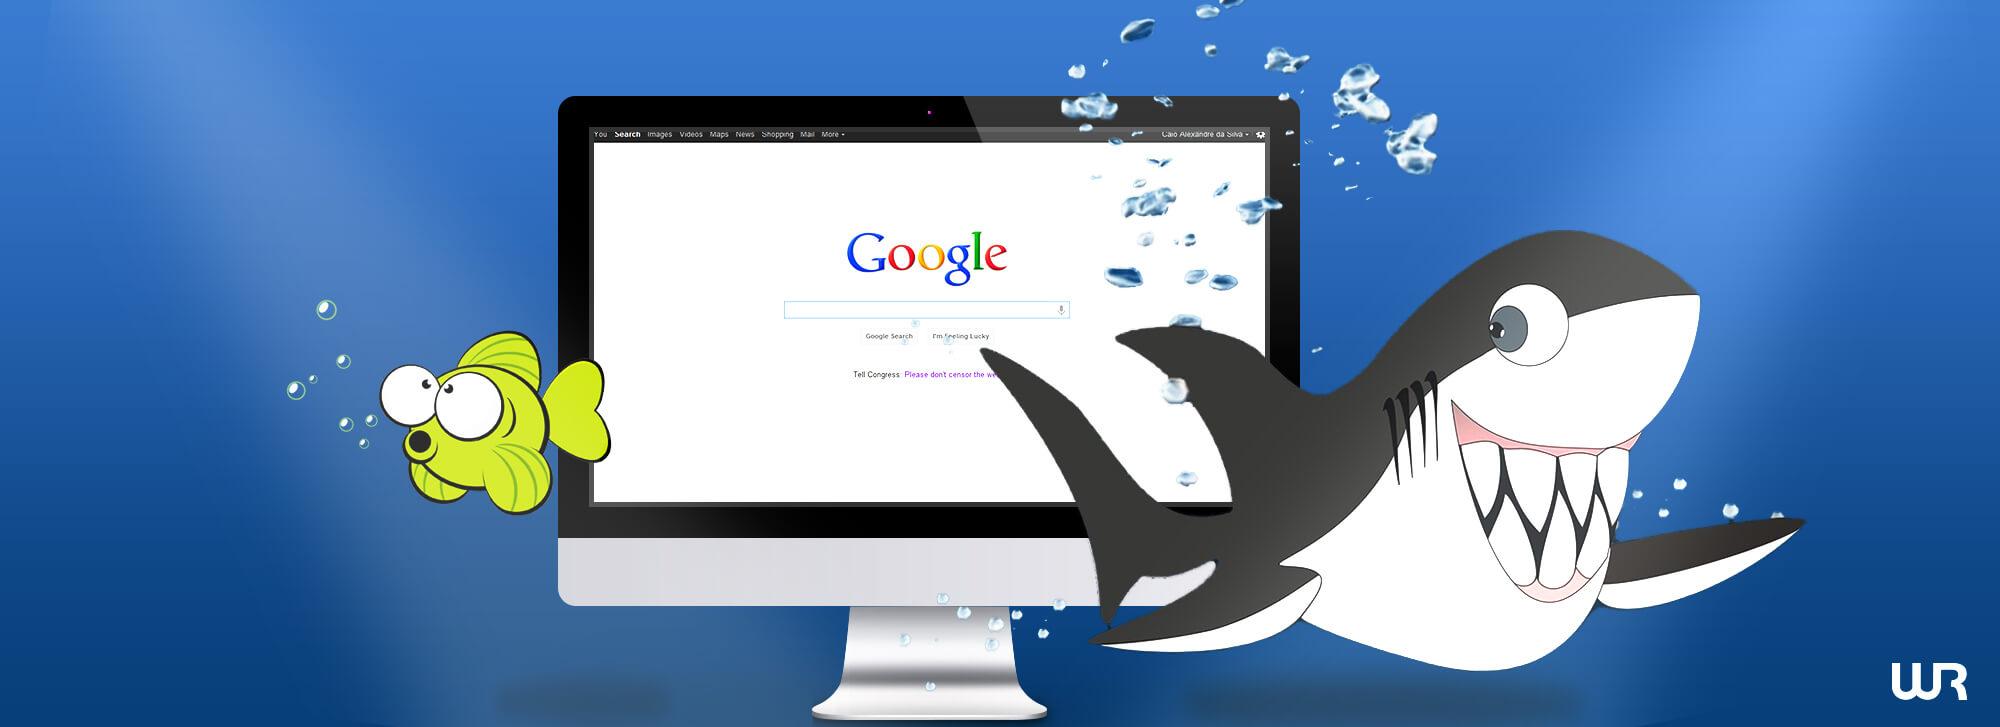 entenda-como-a-atualizacao-do-google-afeta-a-sua-empresa